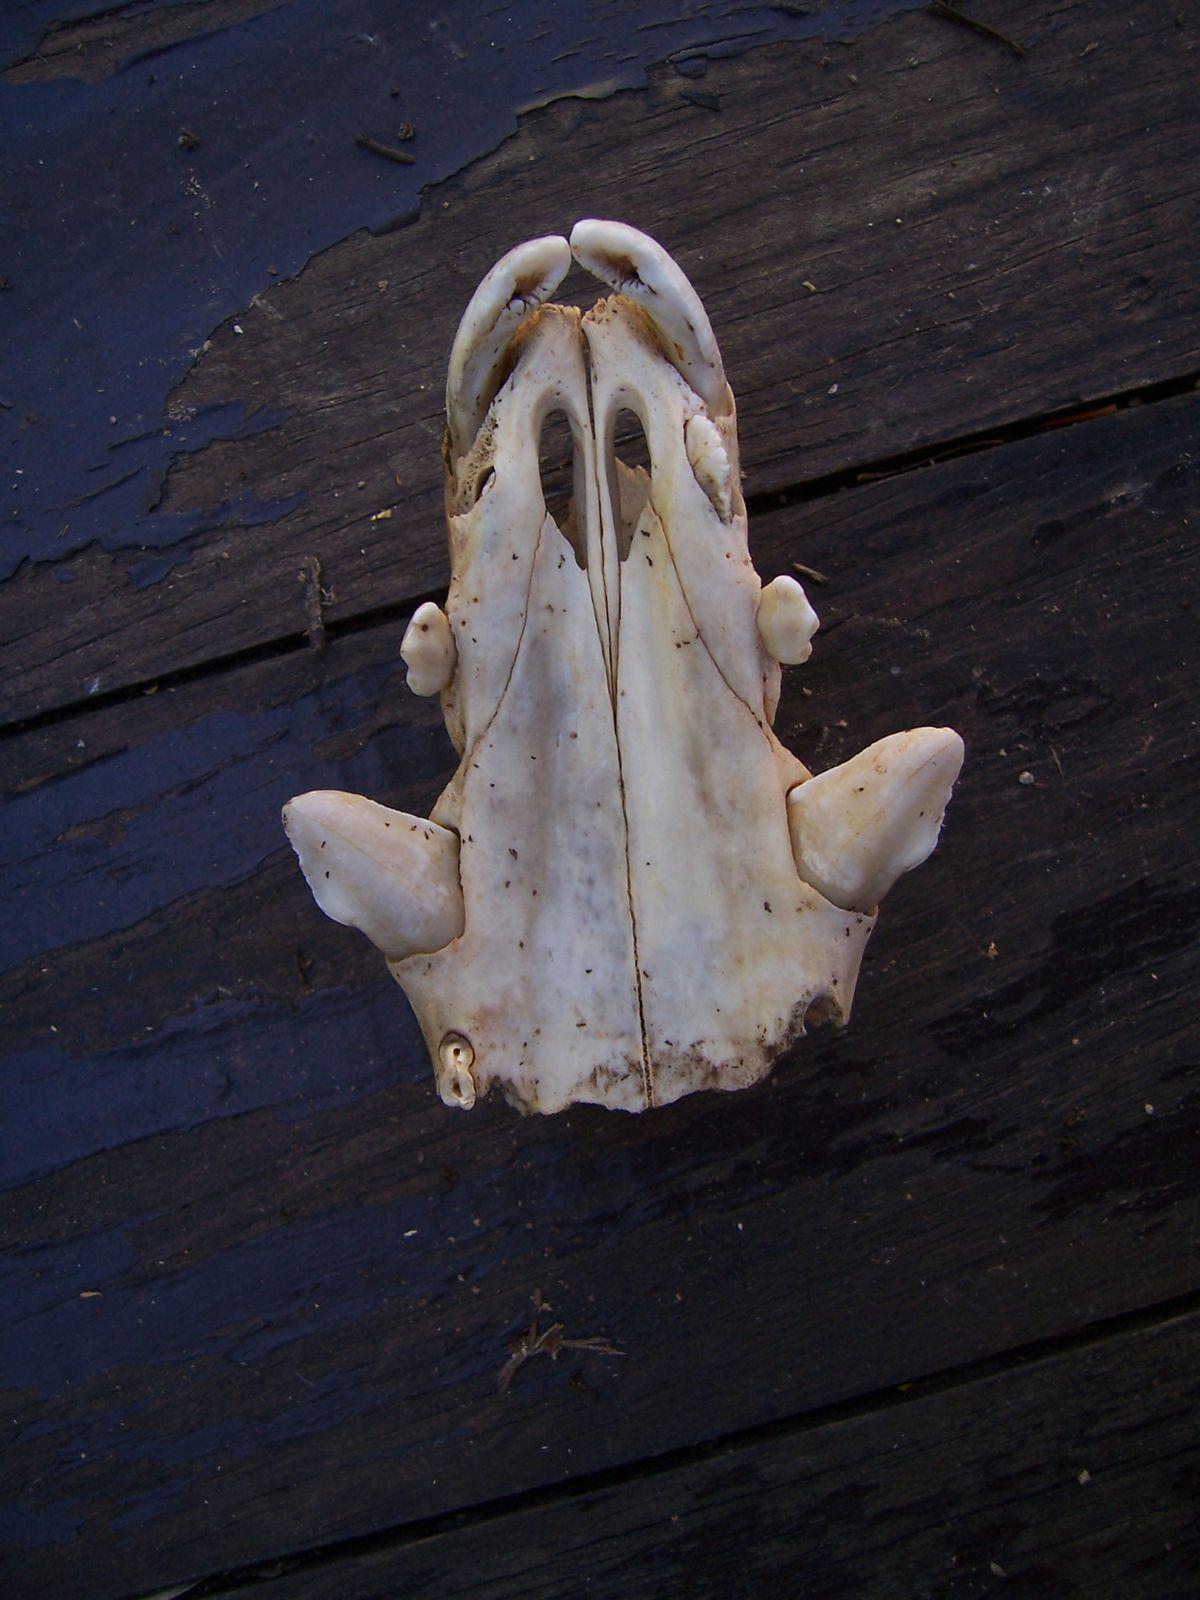 Image-photo : museau de sanglier squelette